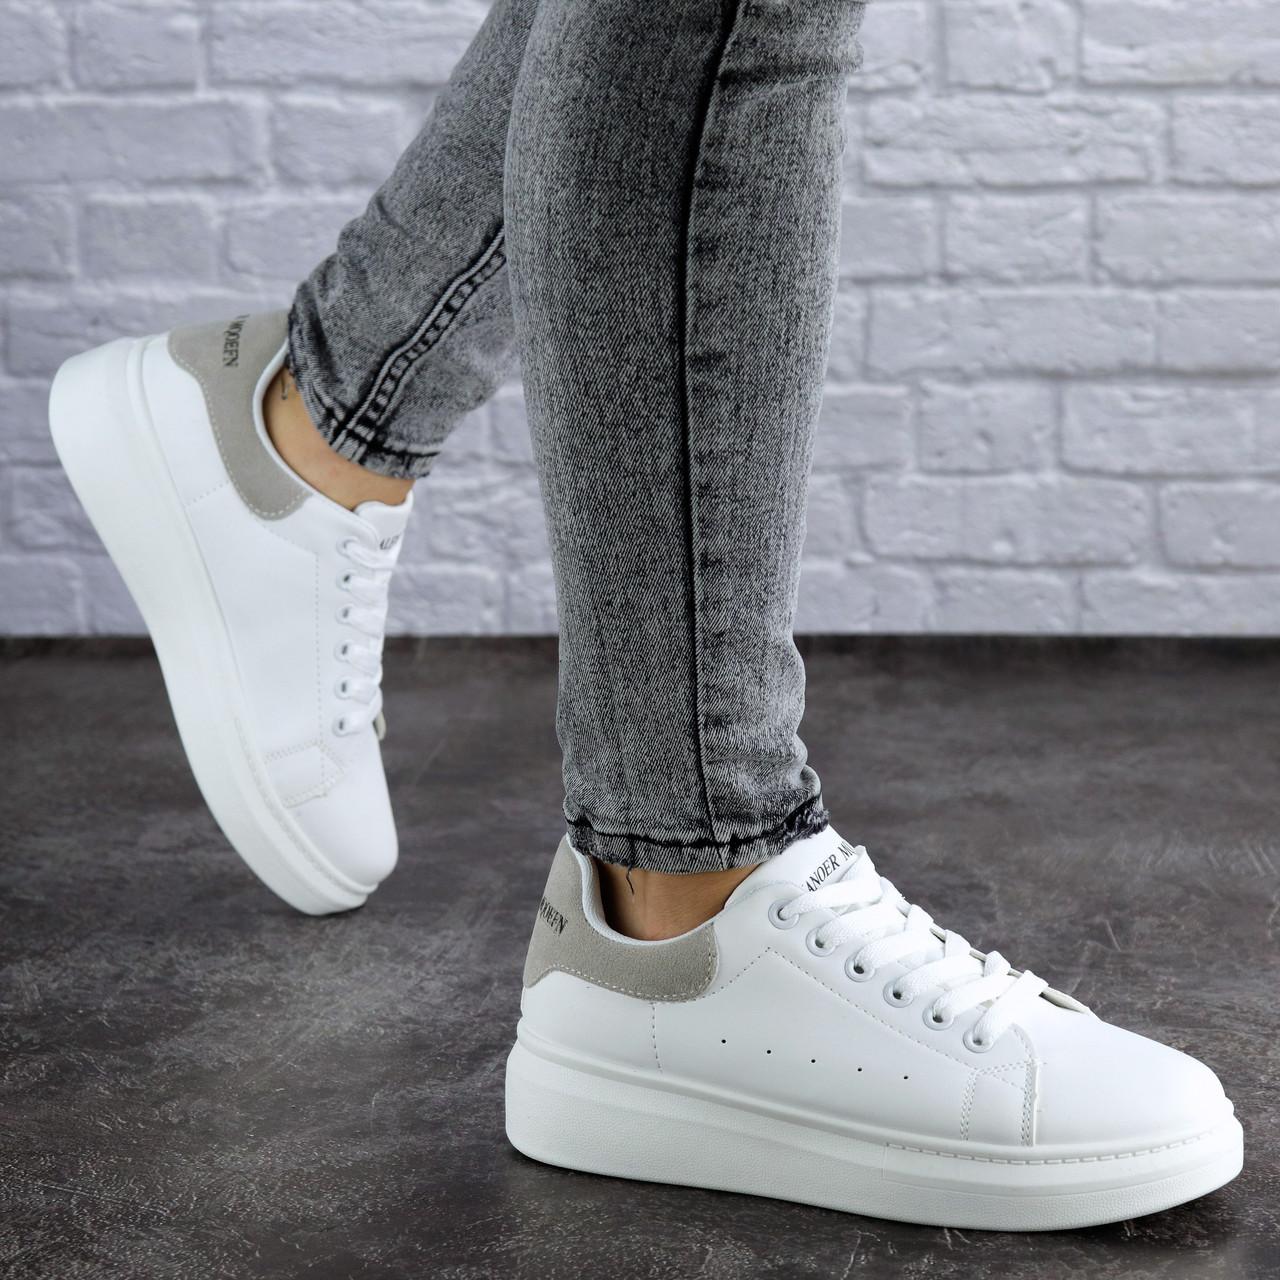 Купить Женские кроссовки белые Andy 1965 (39 размер), Fashion